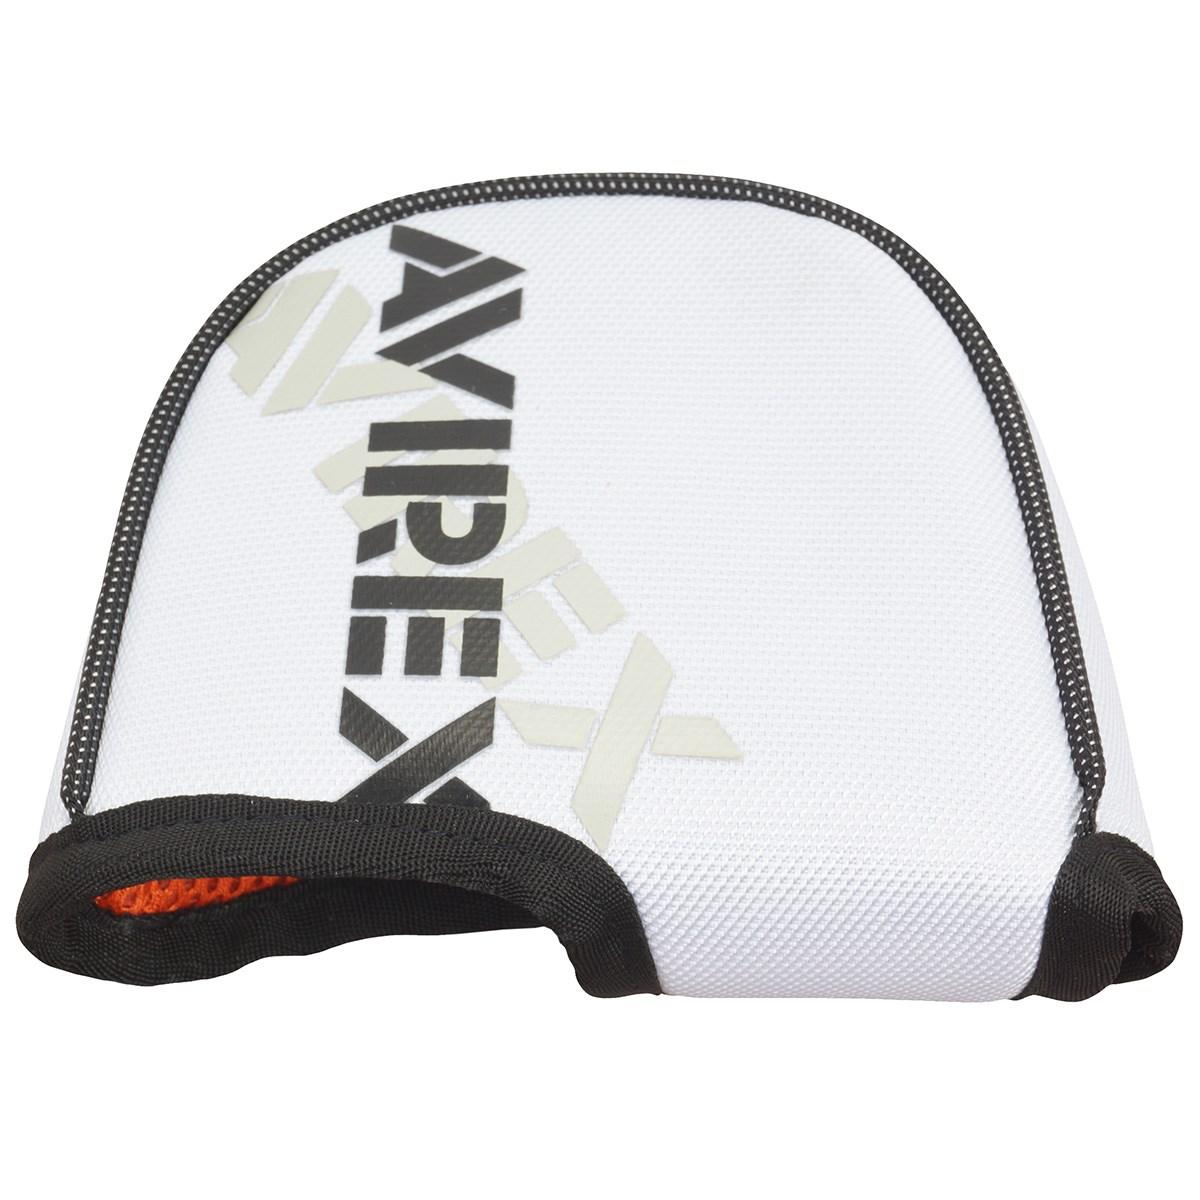 アビレックス ゴルフ AVIREX GOLF パターカバー ホワイト